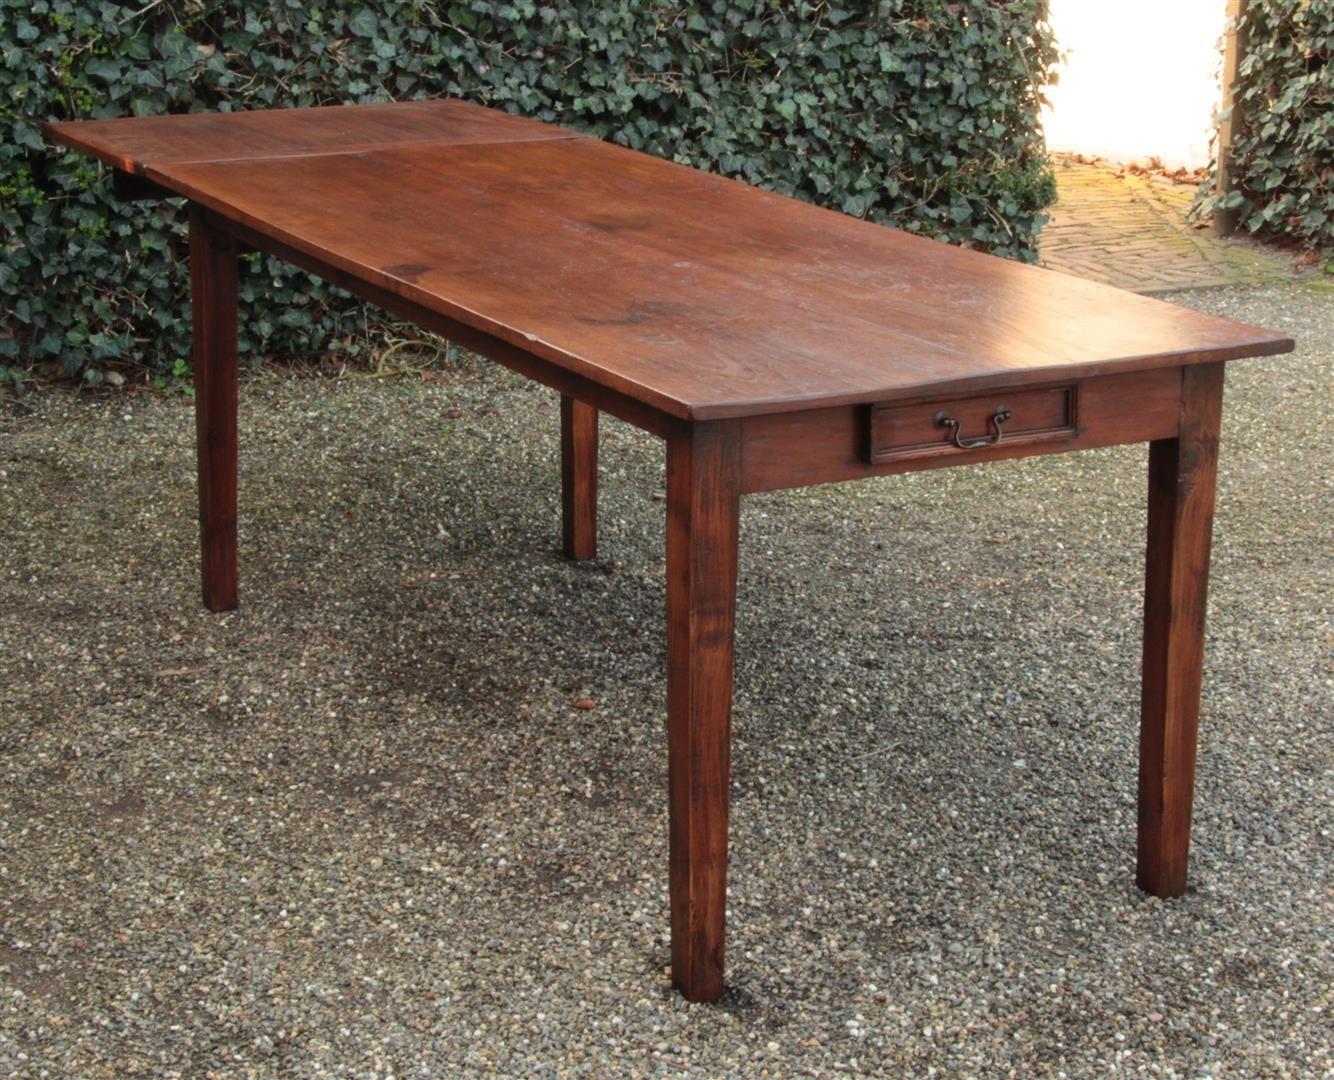 antiker tisch mit ansteckplatte antiker tisch antike tische tisch antik antike tische. Black Bedroom Furniture Sets. Home Design Ideas